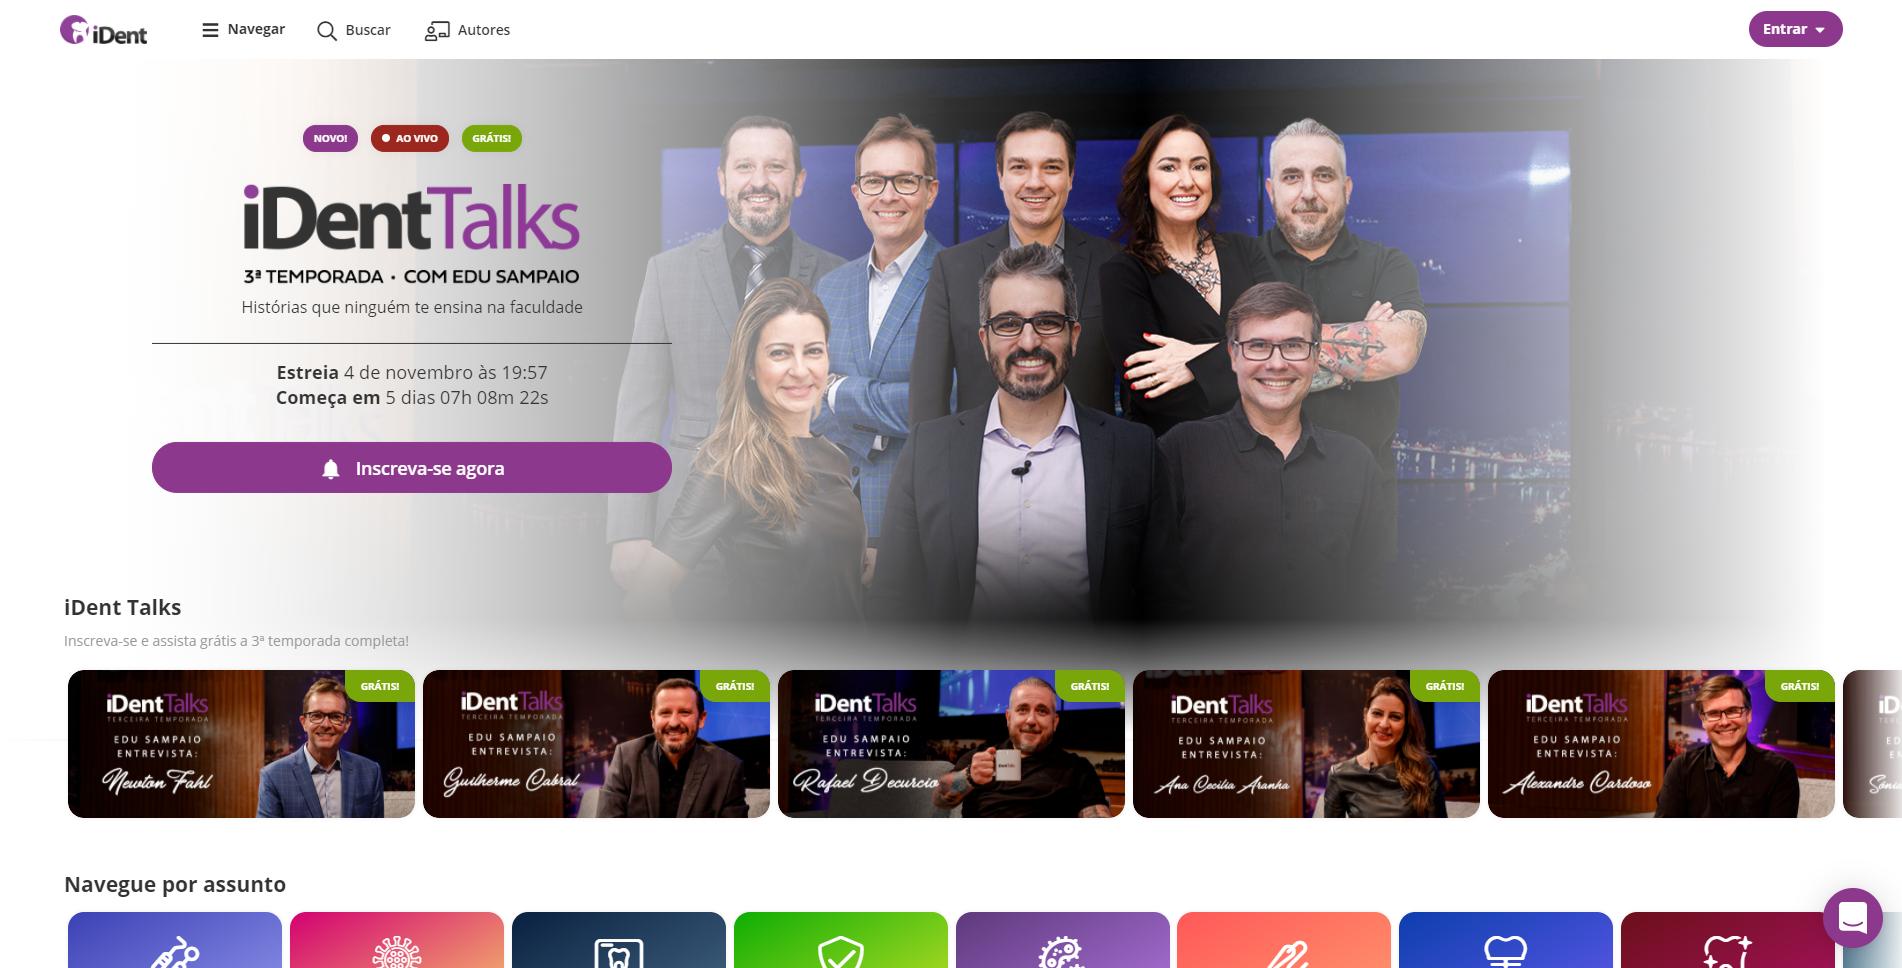 imagem da página inicial do iDent, com capa do iDentTalks